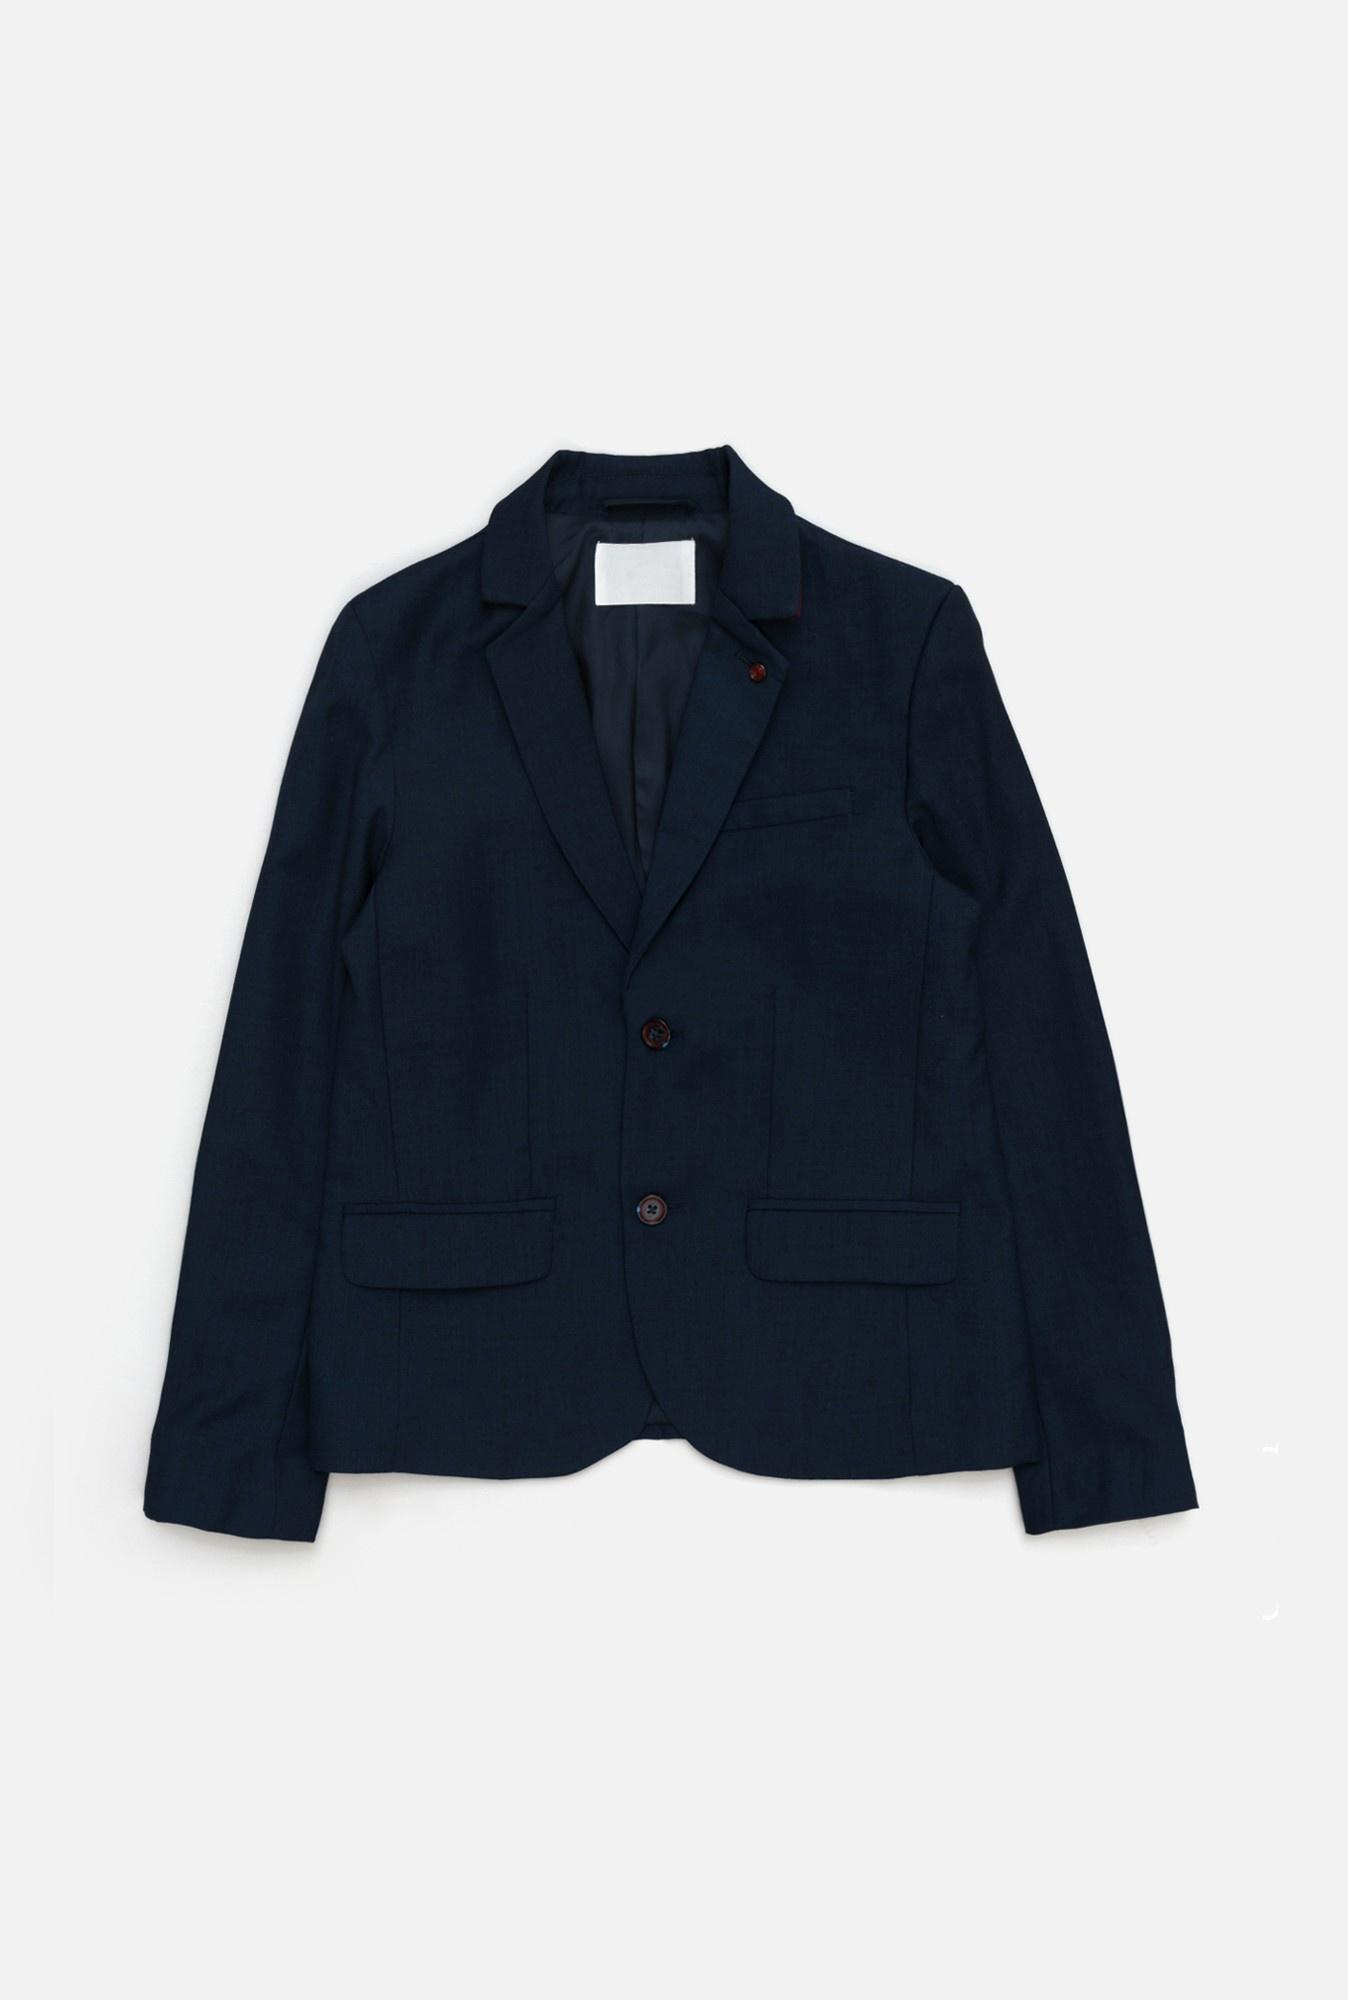 Пиджак Concept Club футболка для мальчика concept club stowboard цвет синий 10110110125 610 размер 158